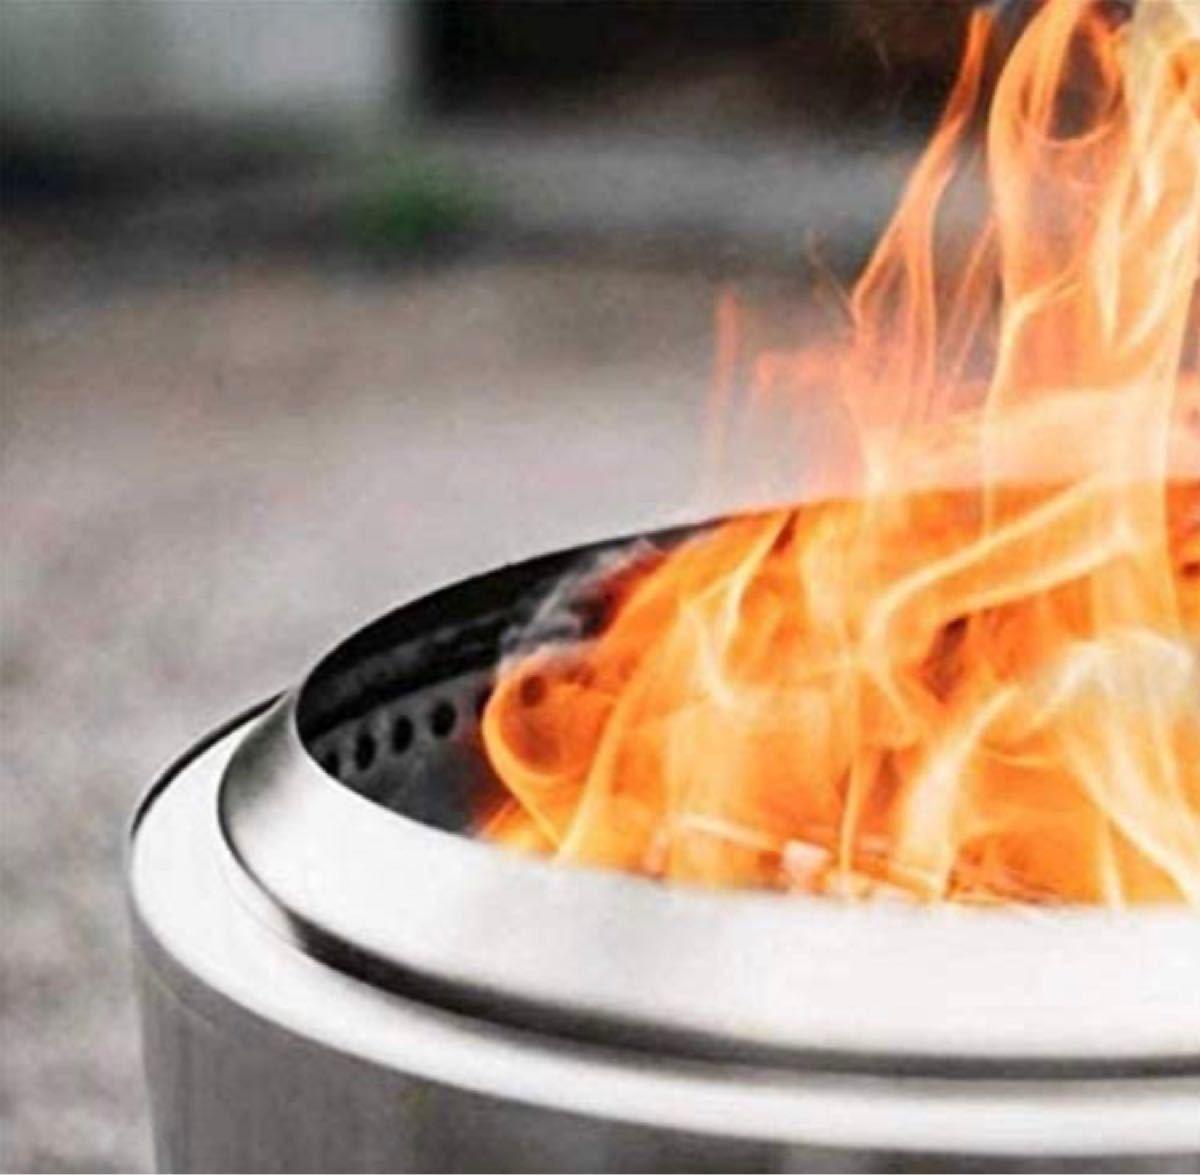 キャンプストーブ 薪ストーブ焚き火台バーベキューコンロ 調理器具ステンレス鋼軽量 小型 携帯焚火台 ソロキャンプ ストーブ